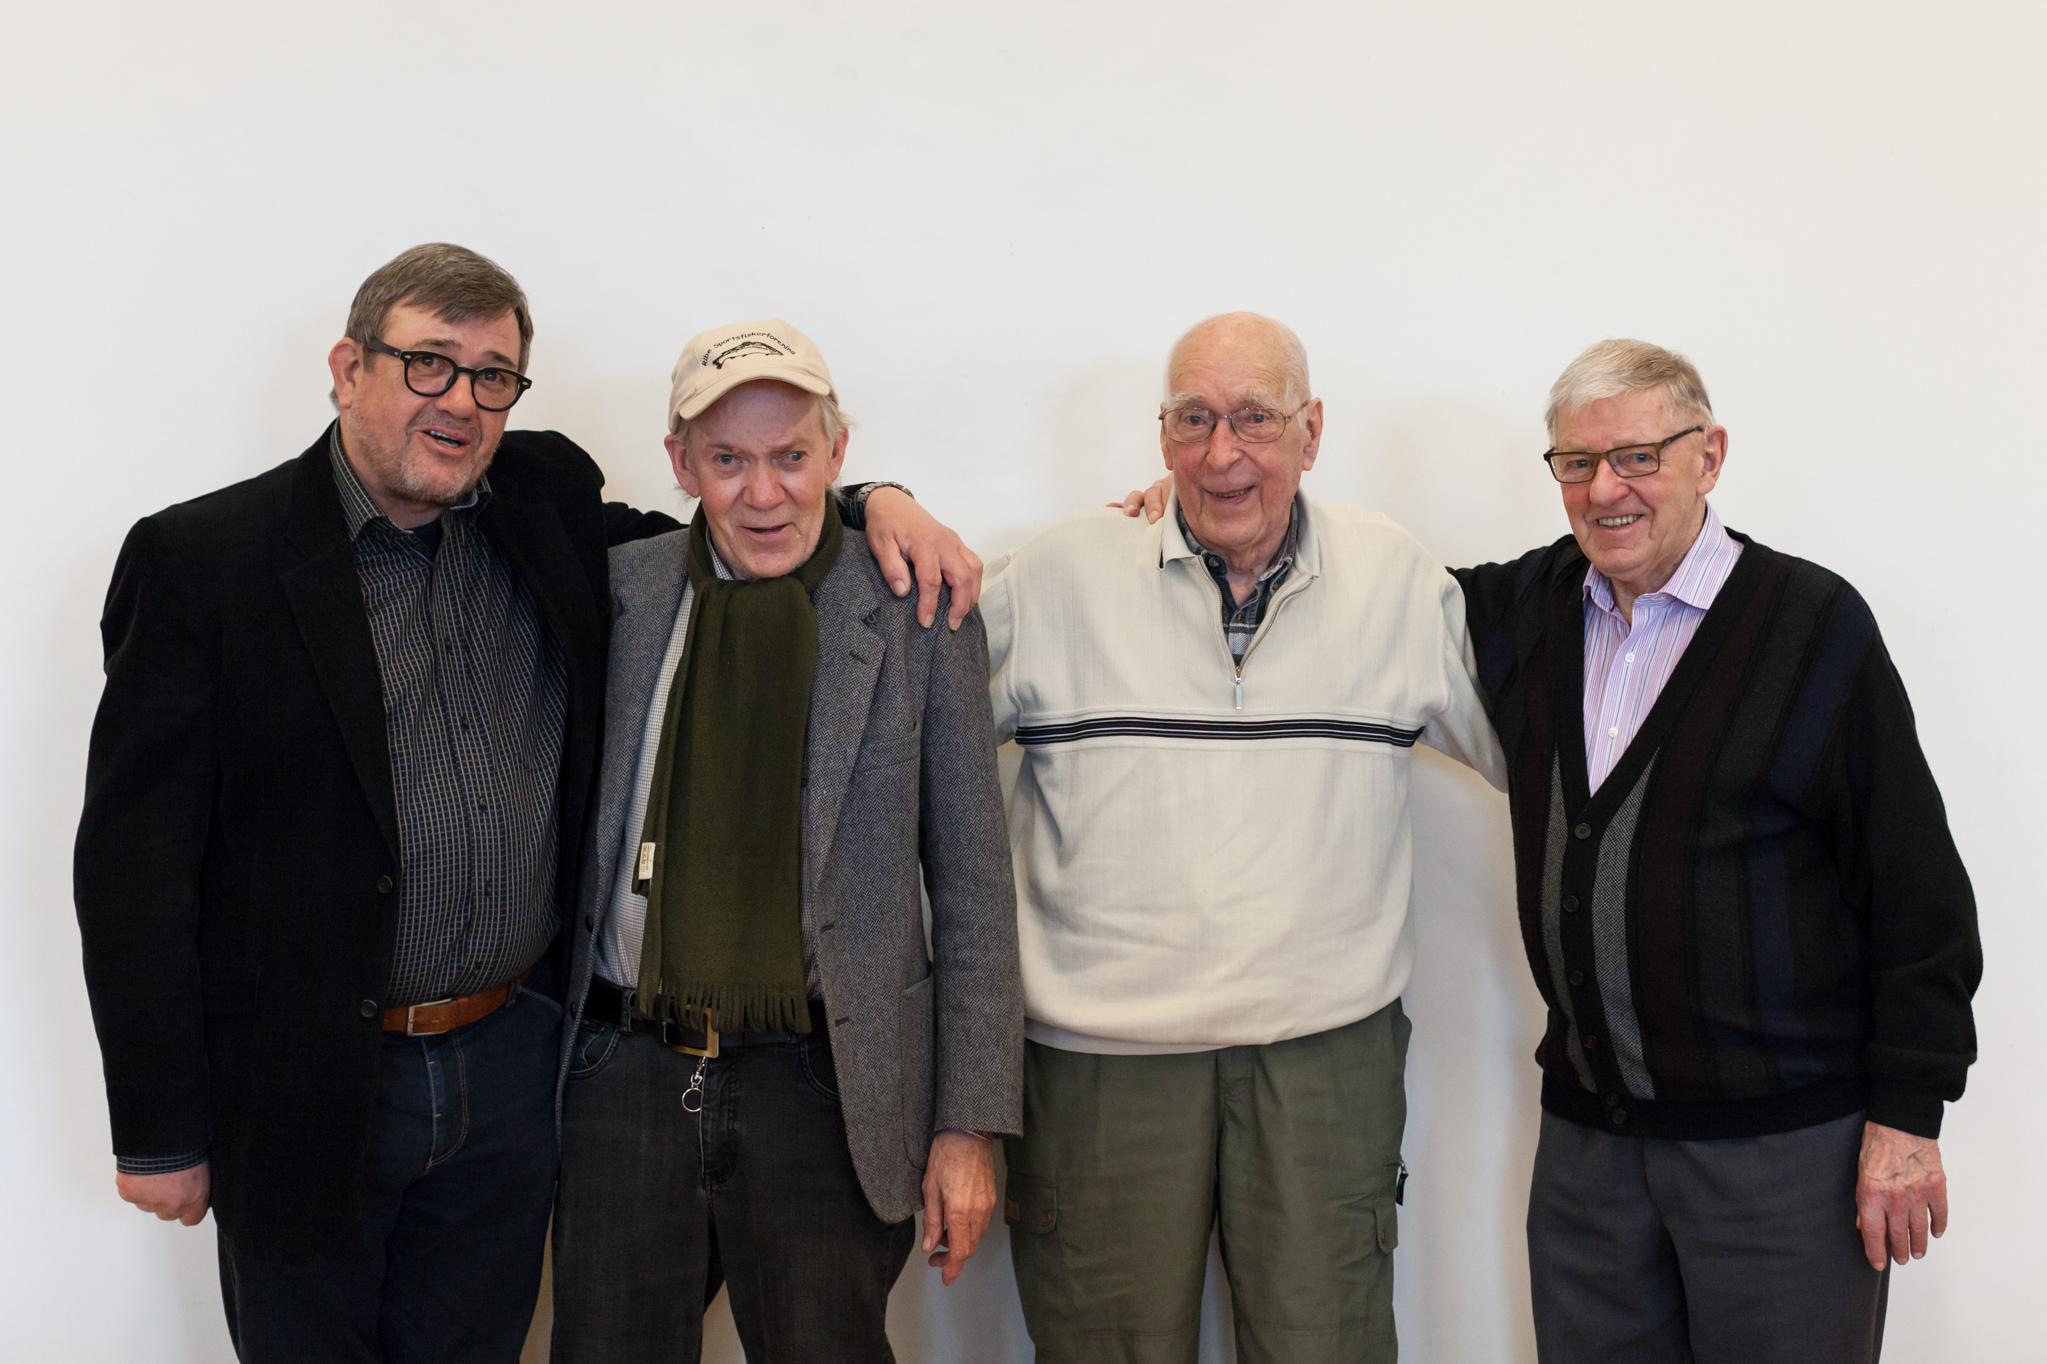 Asger Brodde sammen med 3 tidligere formænd: Børge Riis, Bent Skjødt og Erik Madsen